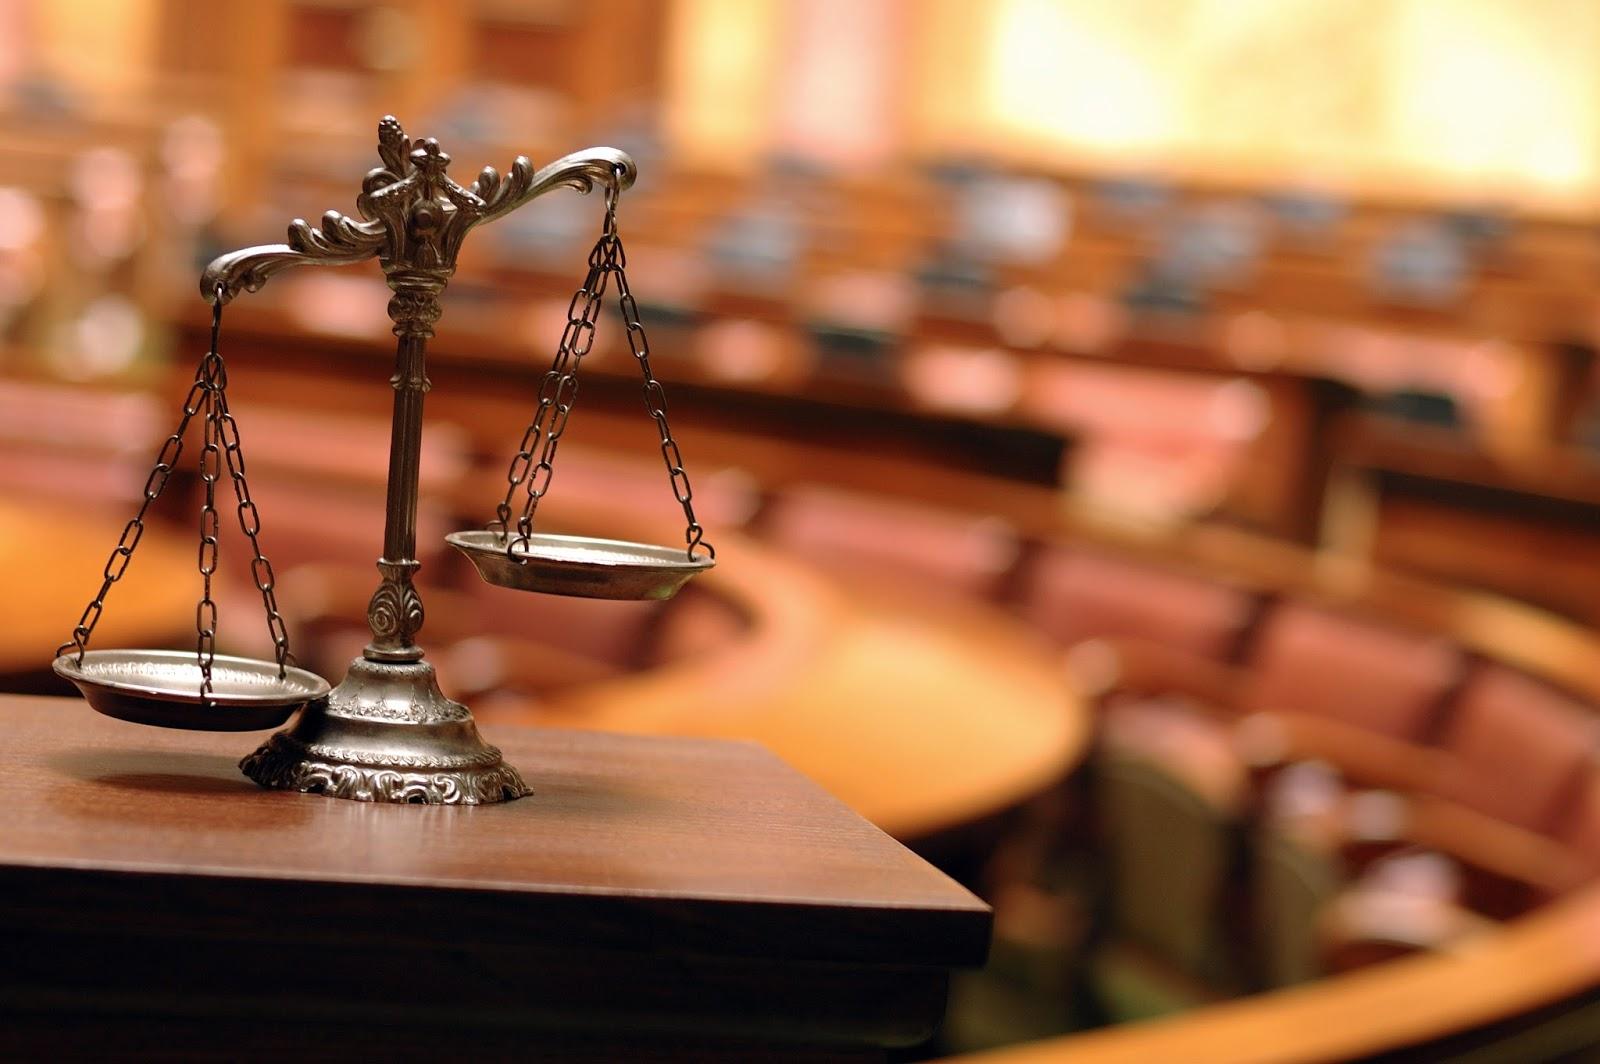 مكتب المحامي سفران الشمراني للمحاماة والاستشارات القانونية محامي